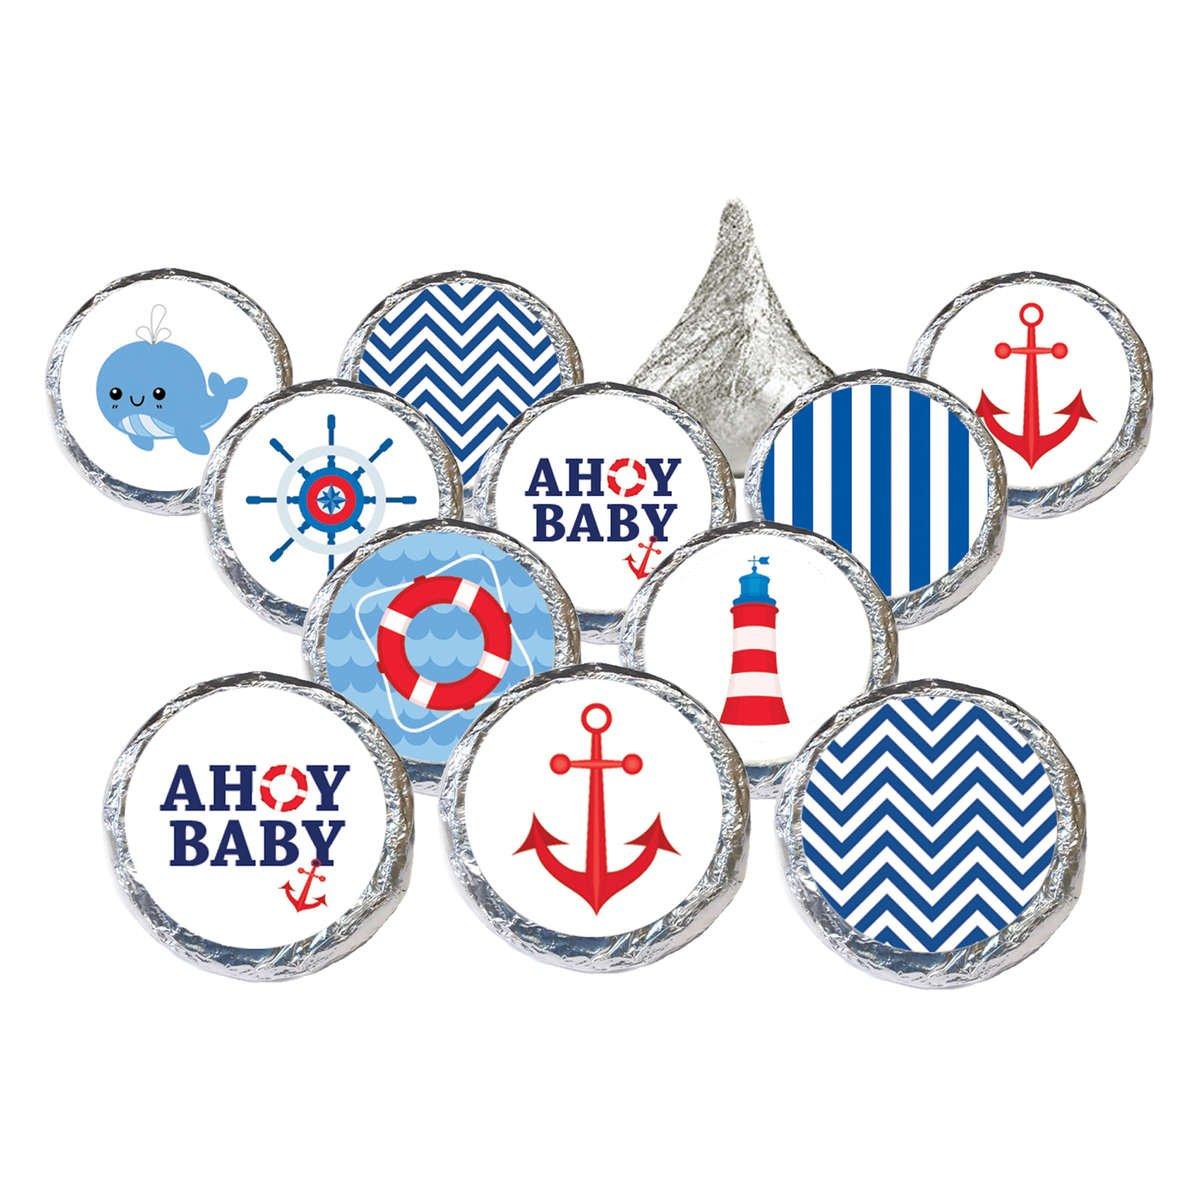 Ahoy Baby